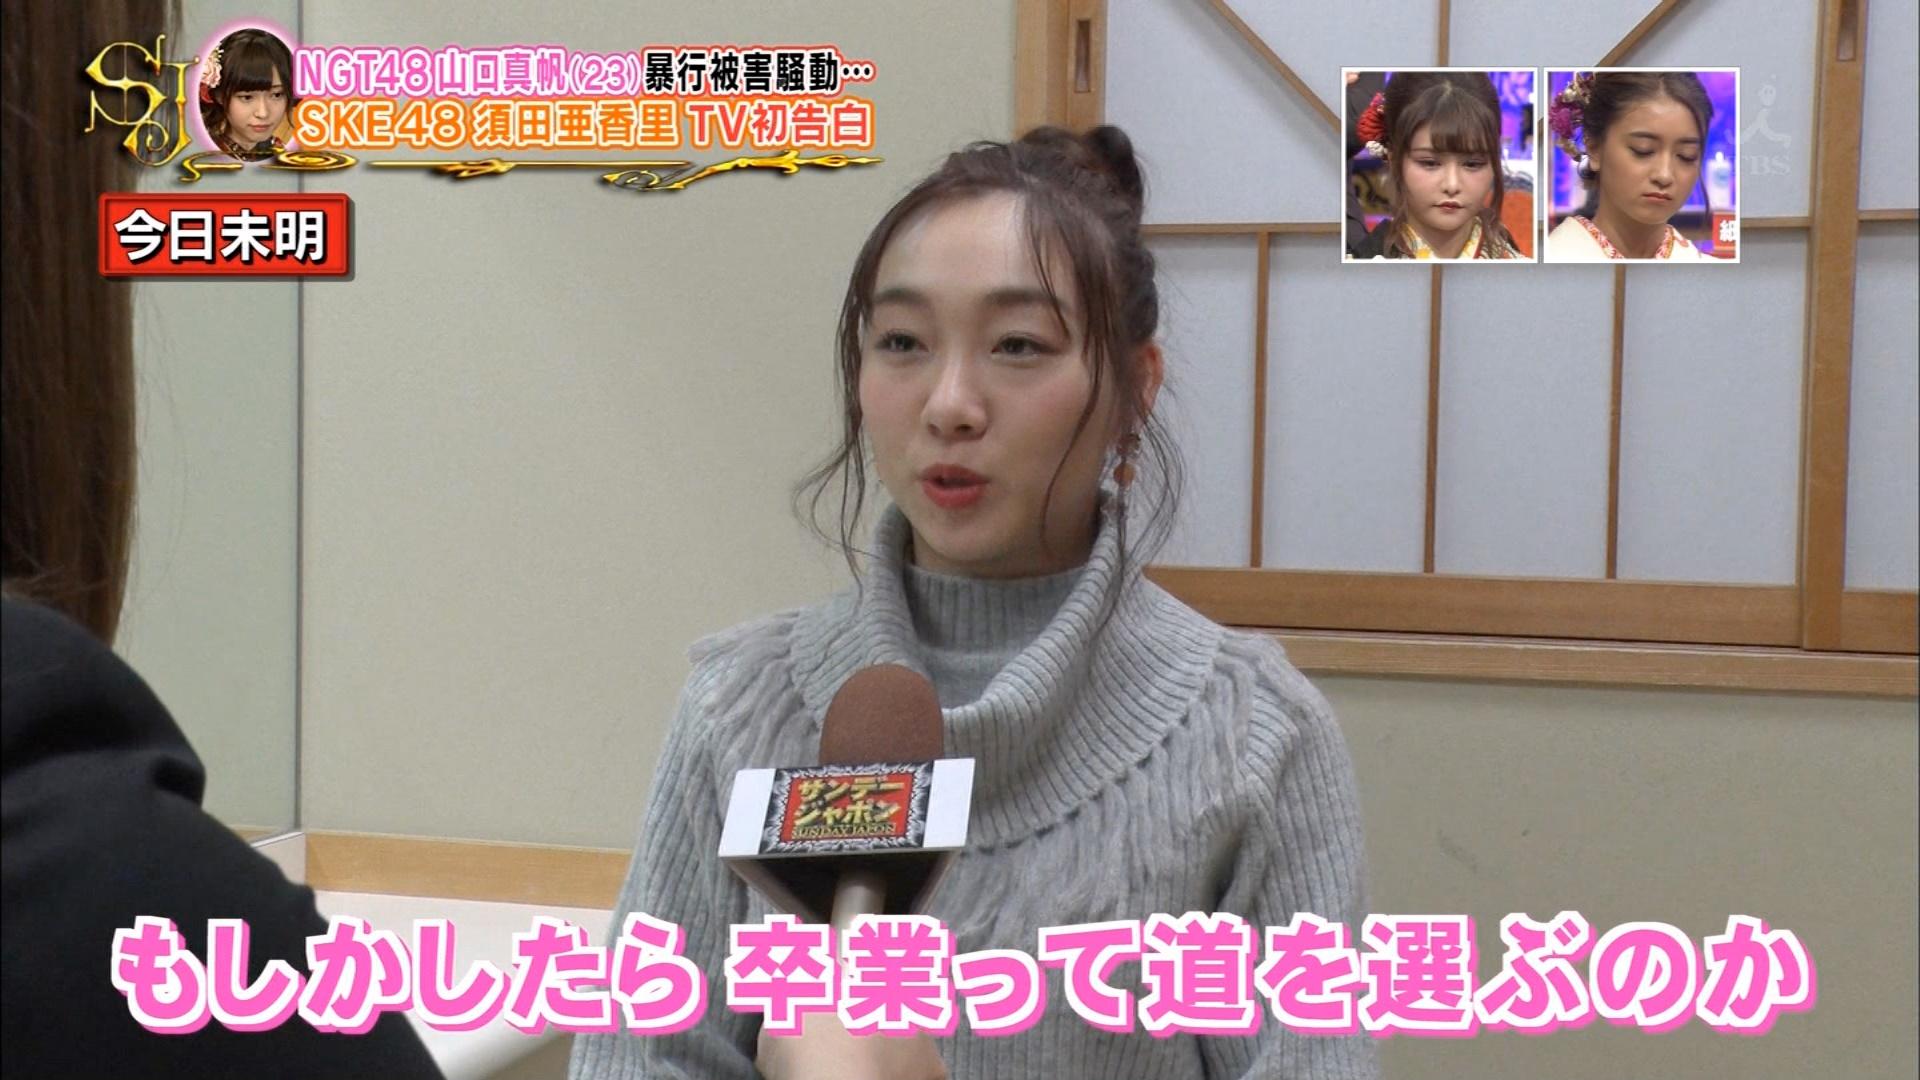 【悲報】SKE須田亜香里「運営側だけが悪いとは思わない」 まさかの運営側擁護wwwwwwwwwwwwww